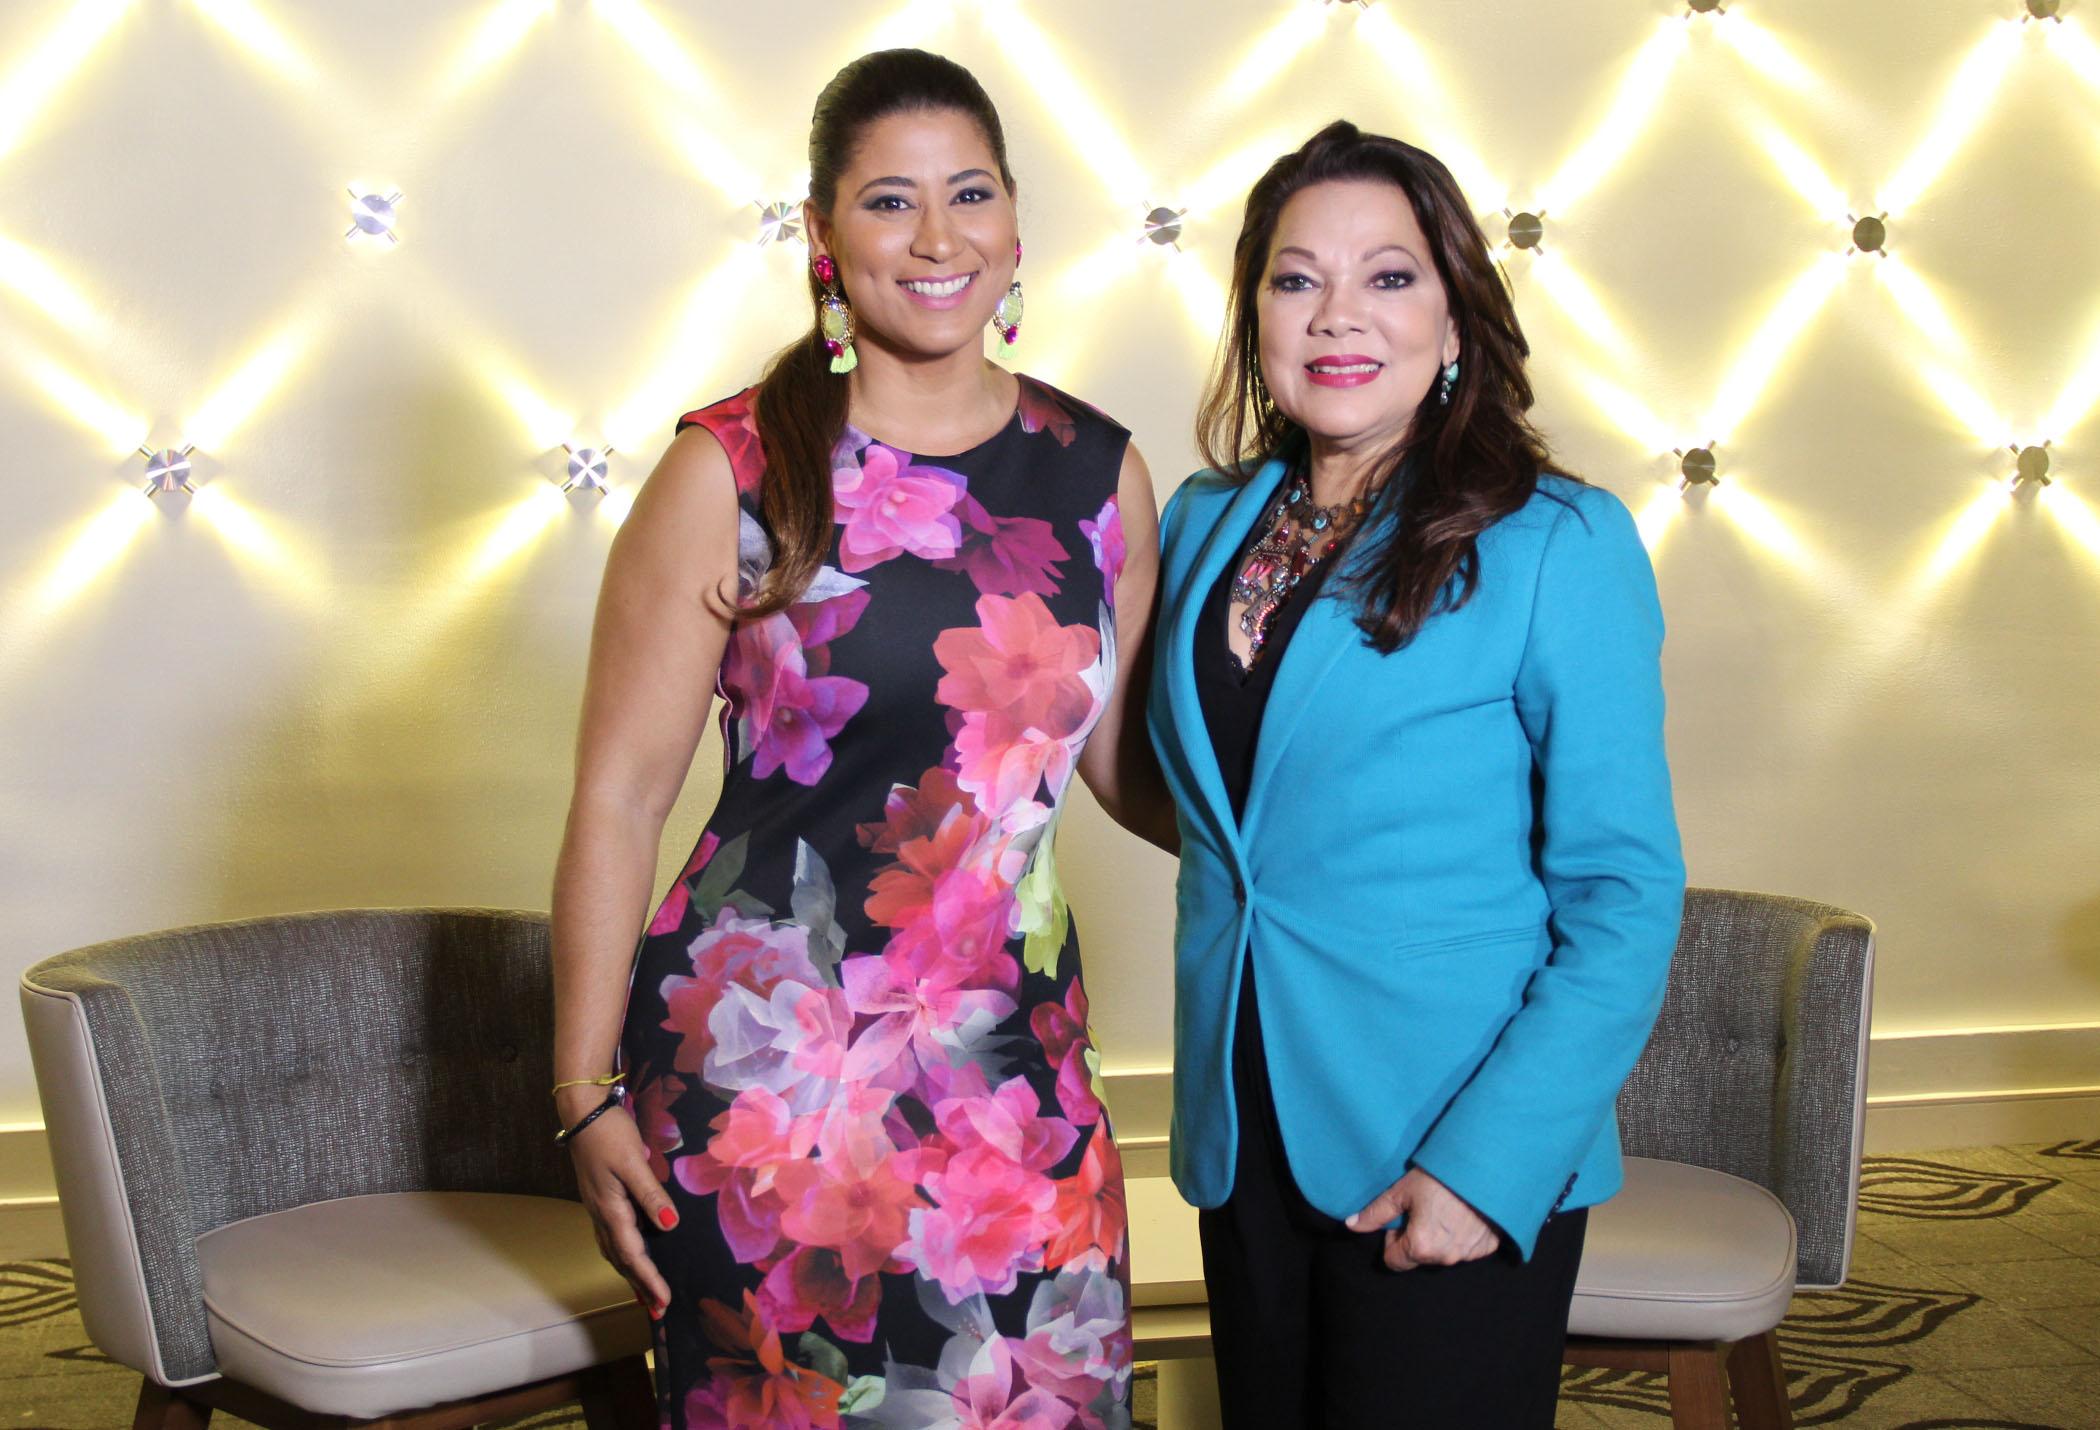 ángela Carrasco Habla De Su Trayectoria Y Rol De Madre En Fiestas Y Personalidades America Tejeda Magazine